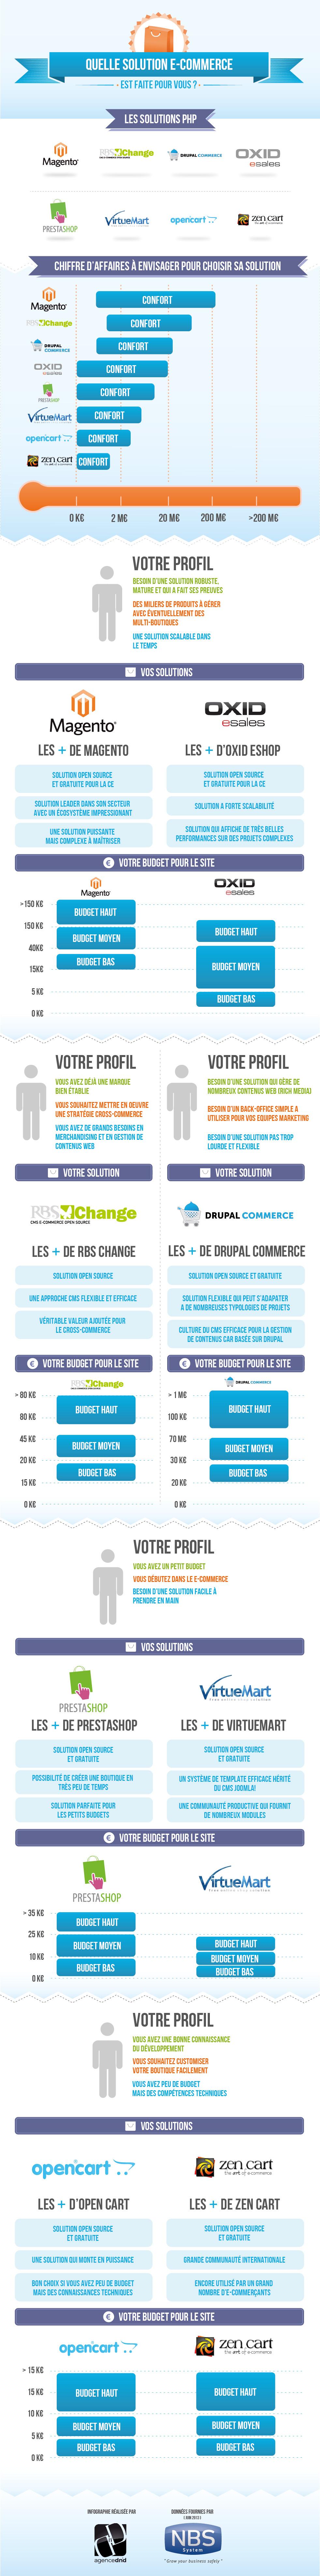 Infographie-CMS-ecommerce-quelles-differences